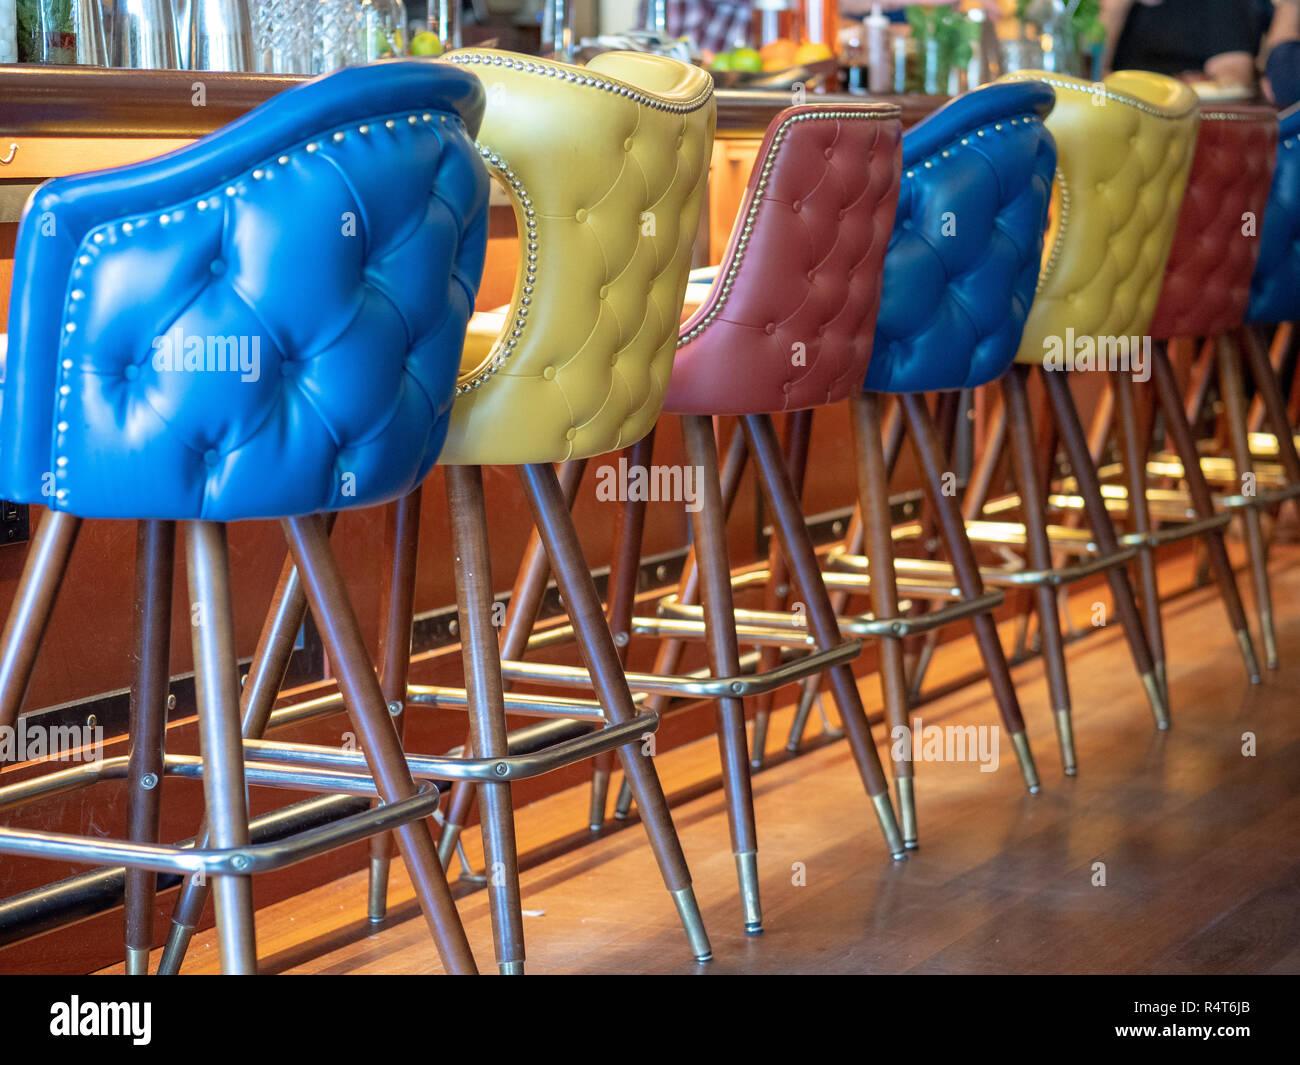 Blauegelbe der rote Leder bar vor aufgereiht und Stühle DHIE29